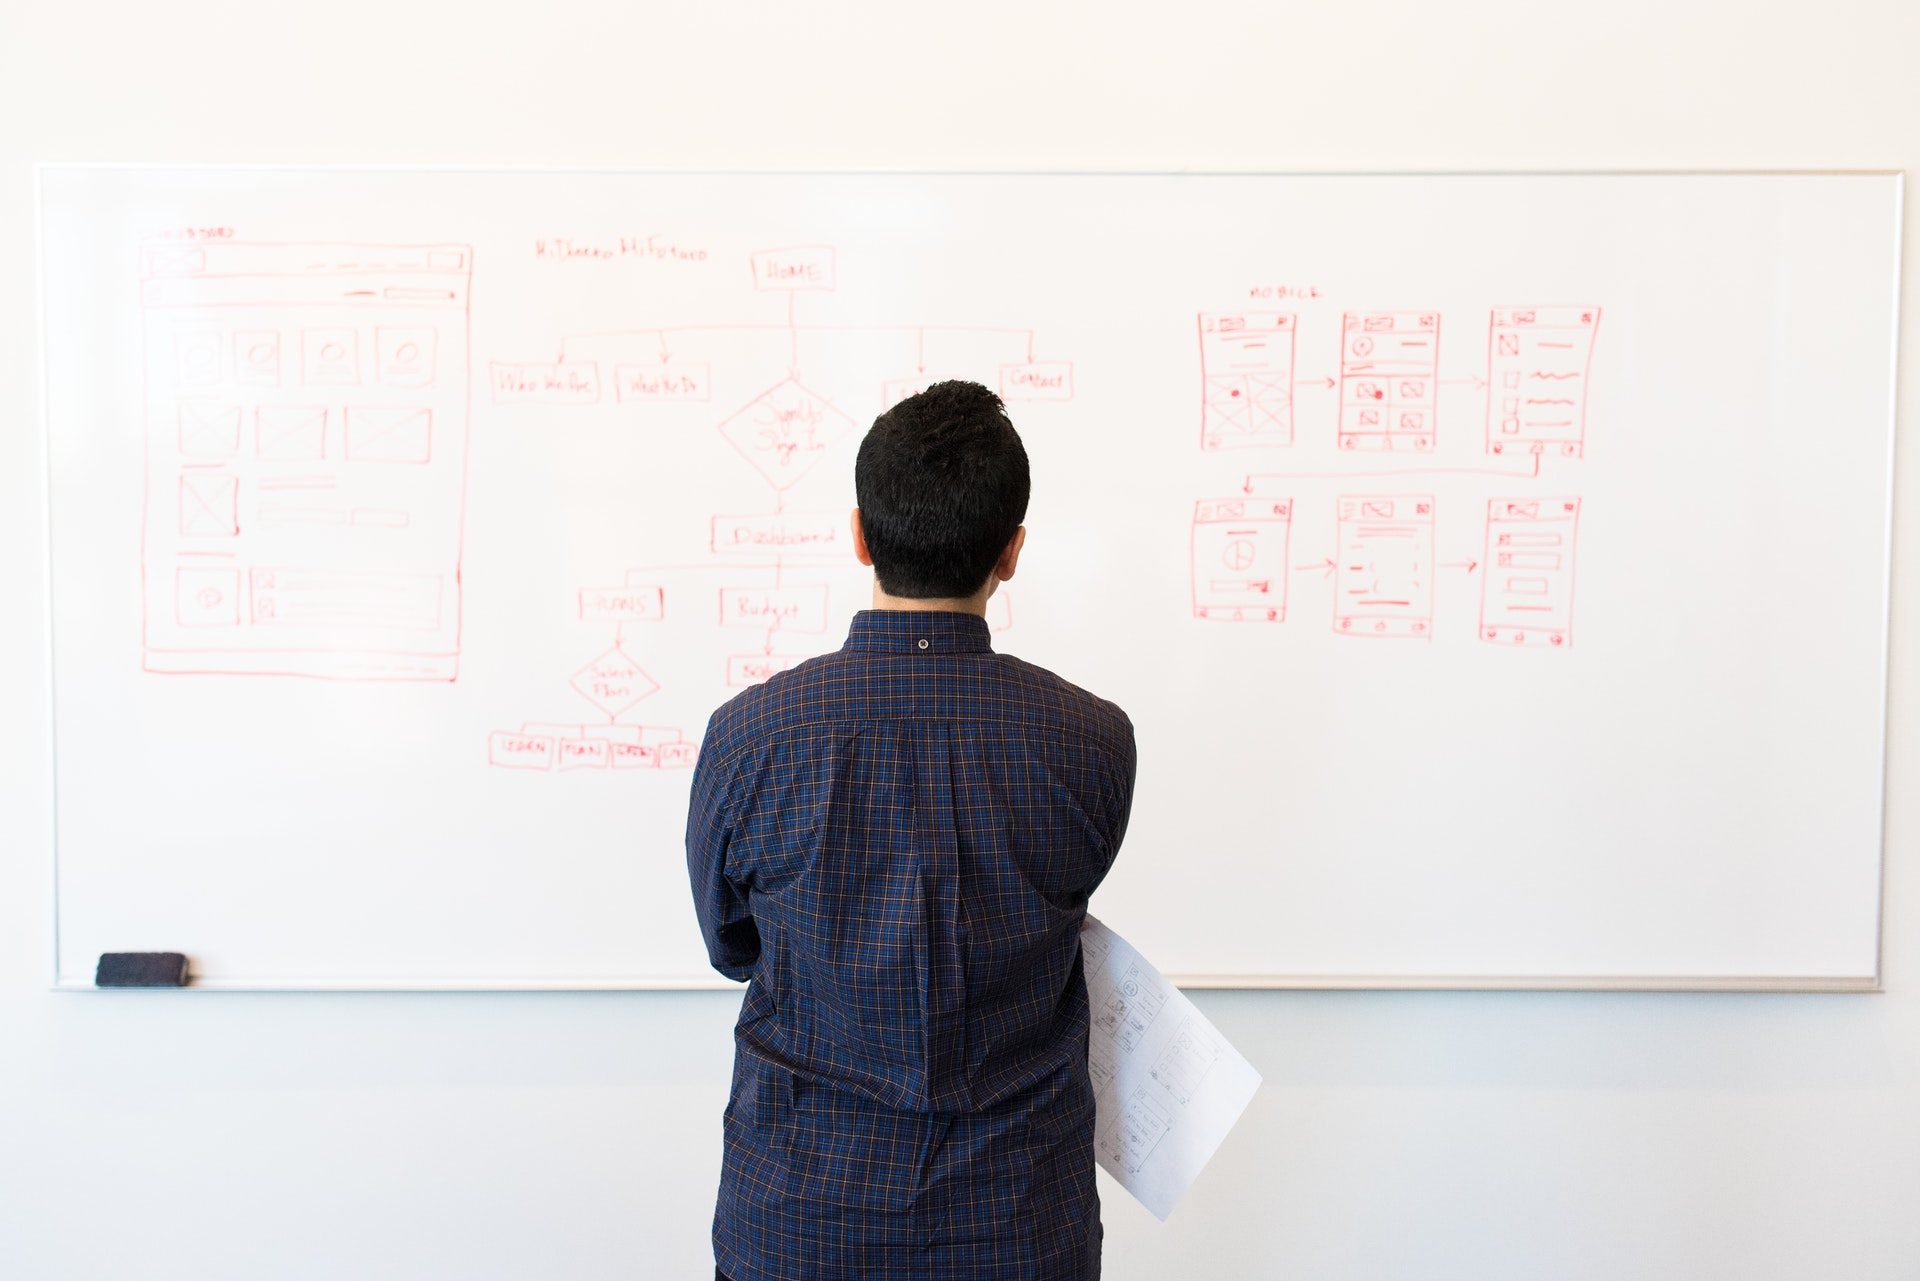 Pengertian, Fungsi, Cara Kerja Serta Keunggulanya, dan Kekuranganya